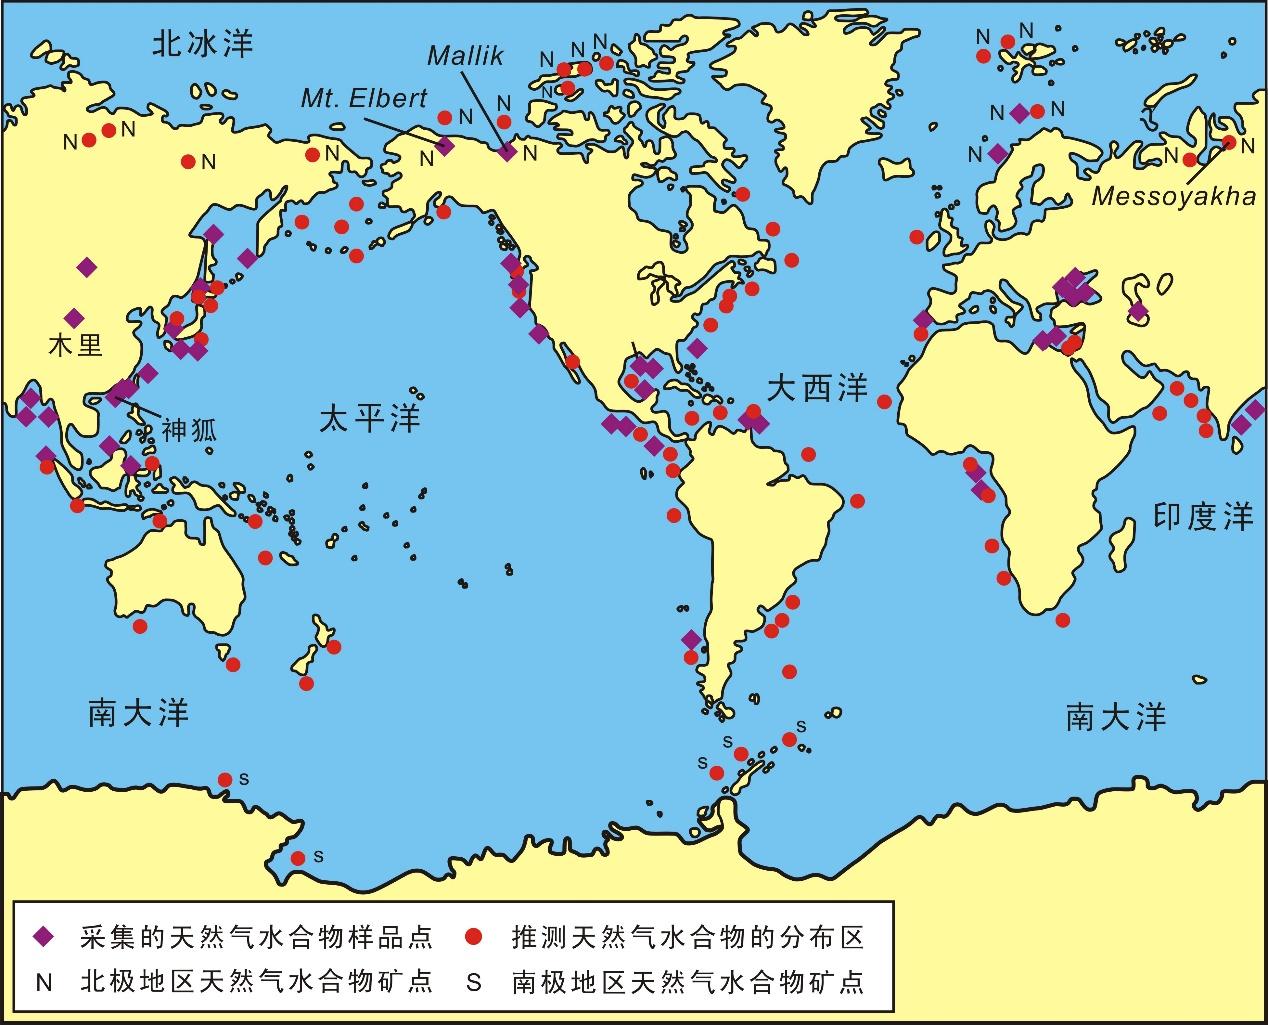 可燃冰一般形成于低温(<10)、高压(>10Mpa)的环境,自然界中,可燃冰往往分布于水深大于300米以上的海底沉积物或寒冷的陆地永久冻土带。 一、地球上哪里有可燃冰? 上世纪60年代开始的深海钻探计划 (DSDP) ,以及随后的大洋钻探计划 (ODP),科学家们就已经在海底发现了可燃冰。经过半个多世纪的追寻,人类已经在世界大洋海底发现了可燃冰,在陆地也发现了可燃冰。(图1)  图1全球可燃冰分布图 已发现的海底可燃冰多分布于环太平洋周边、大西洋两岸、印度洋北部、南极近海及北冰洋周边,地中海、